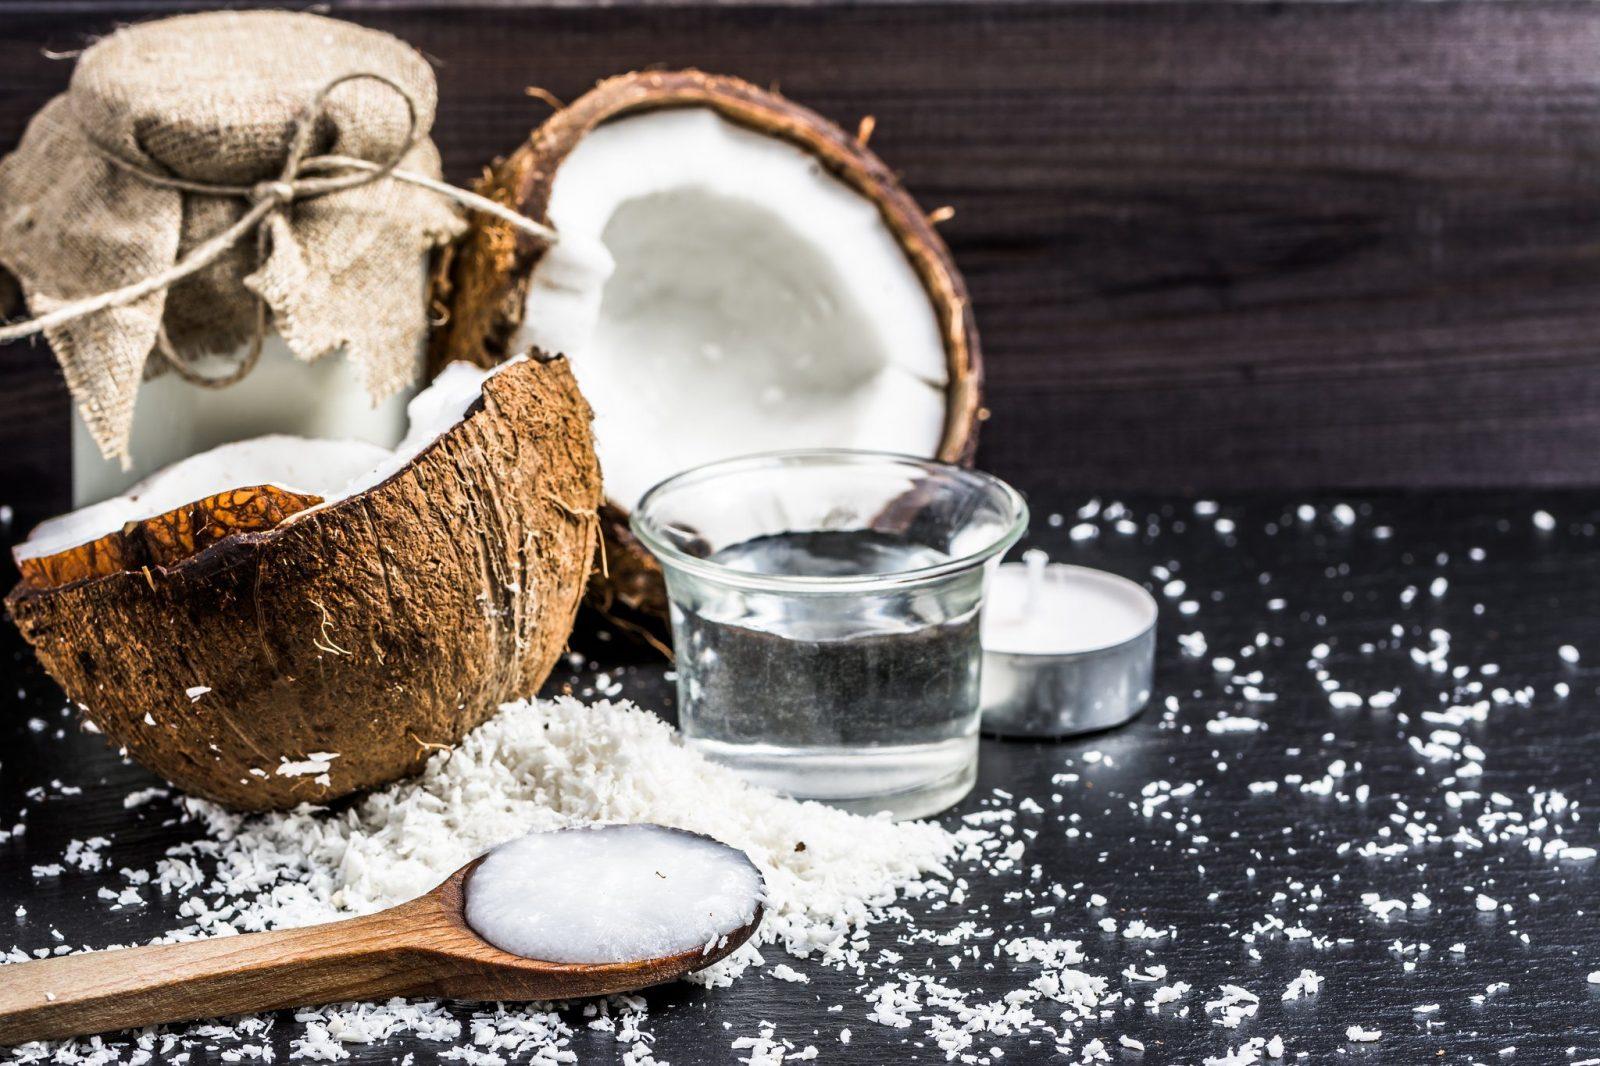 Dầu dừa giữ ẩm rất tốt và tiết kiệm